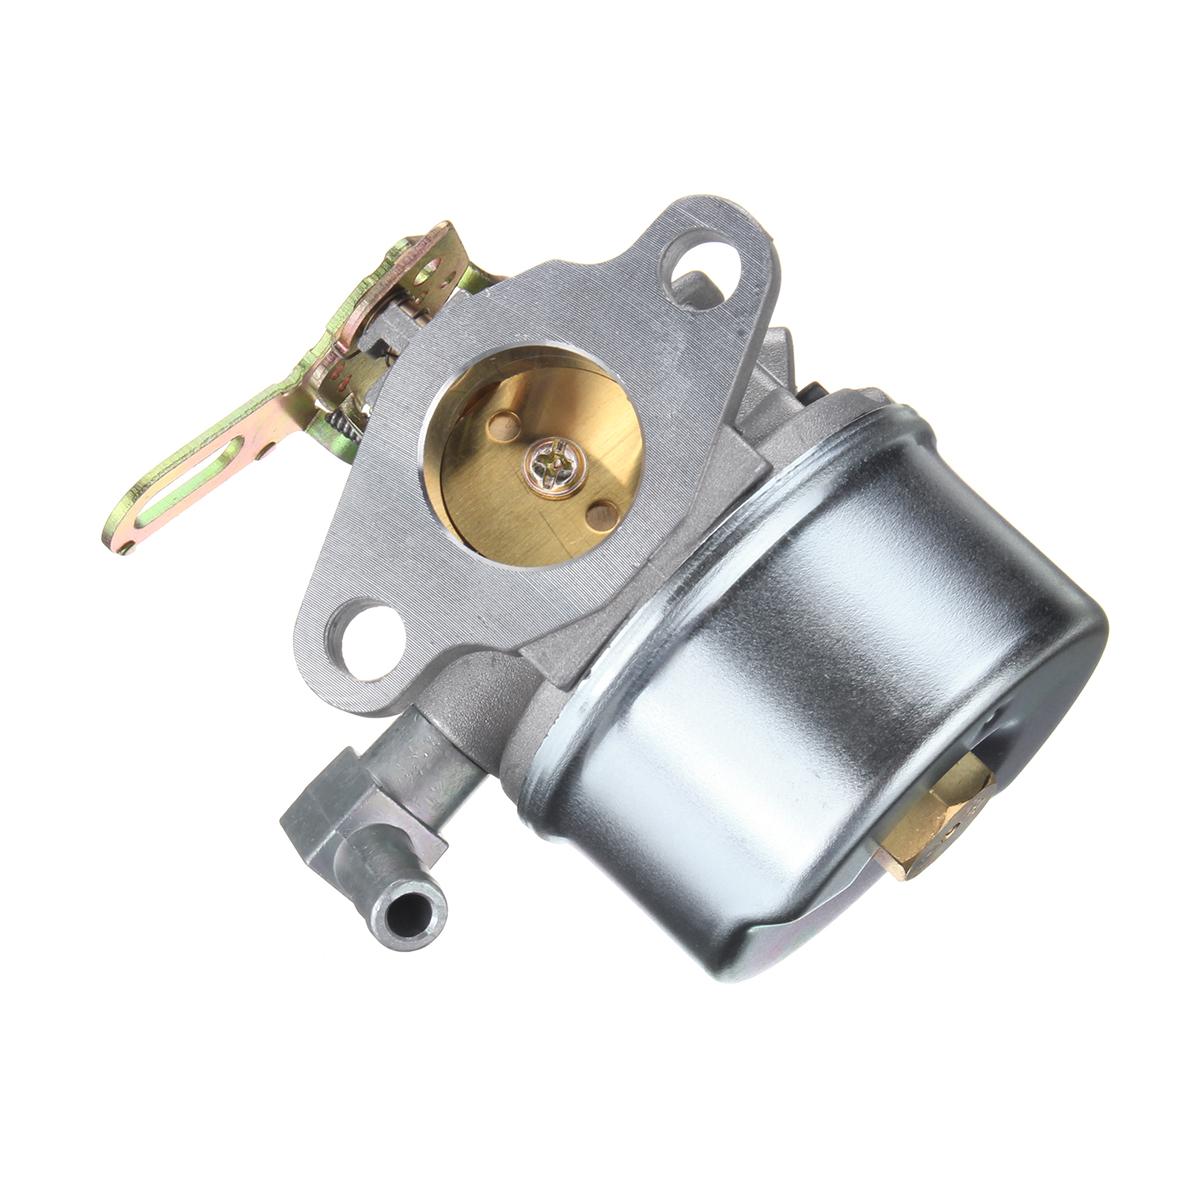 Carburetor +Gasket+Filter For Tecumseh LH195SP 631955 631916 TC-640084B TORO 421